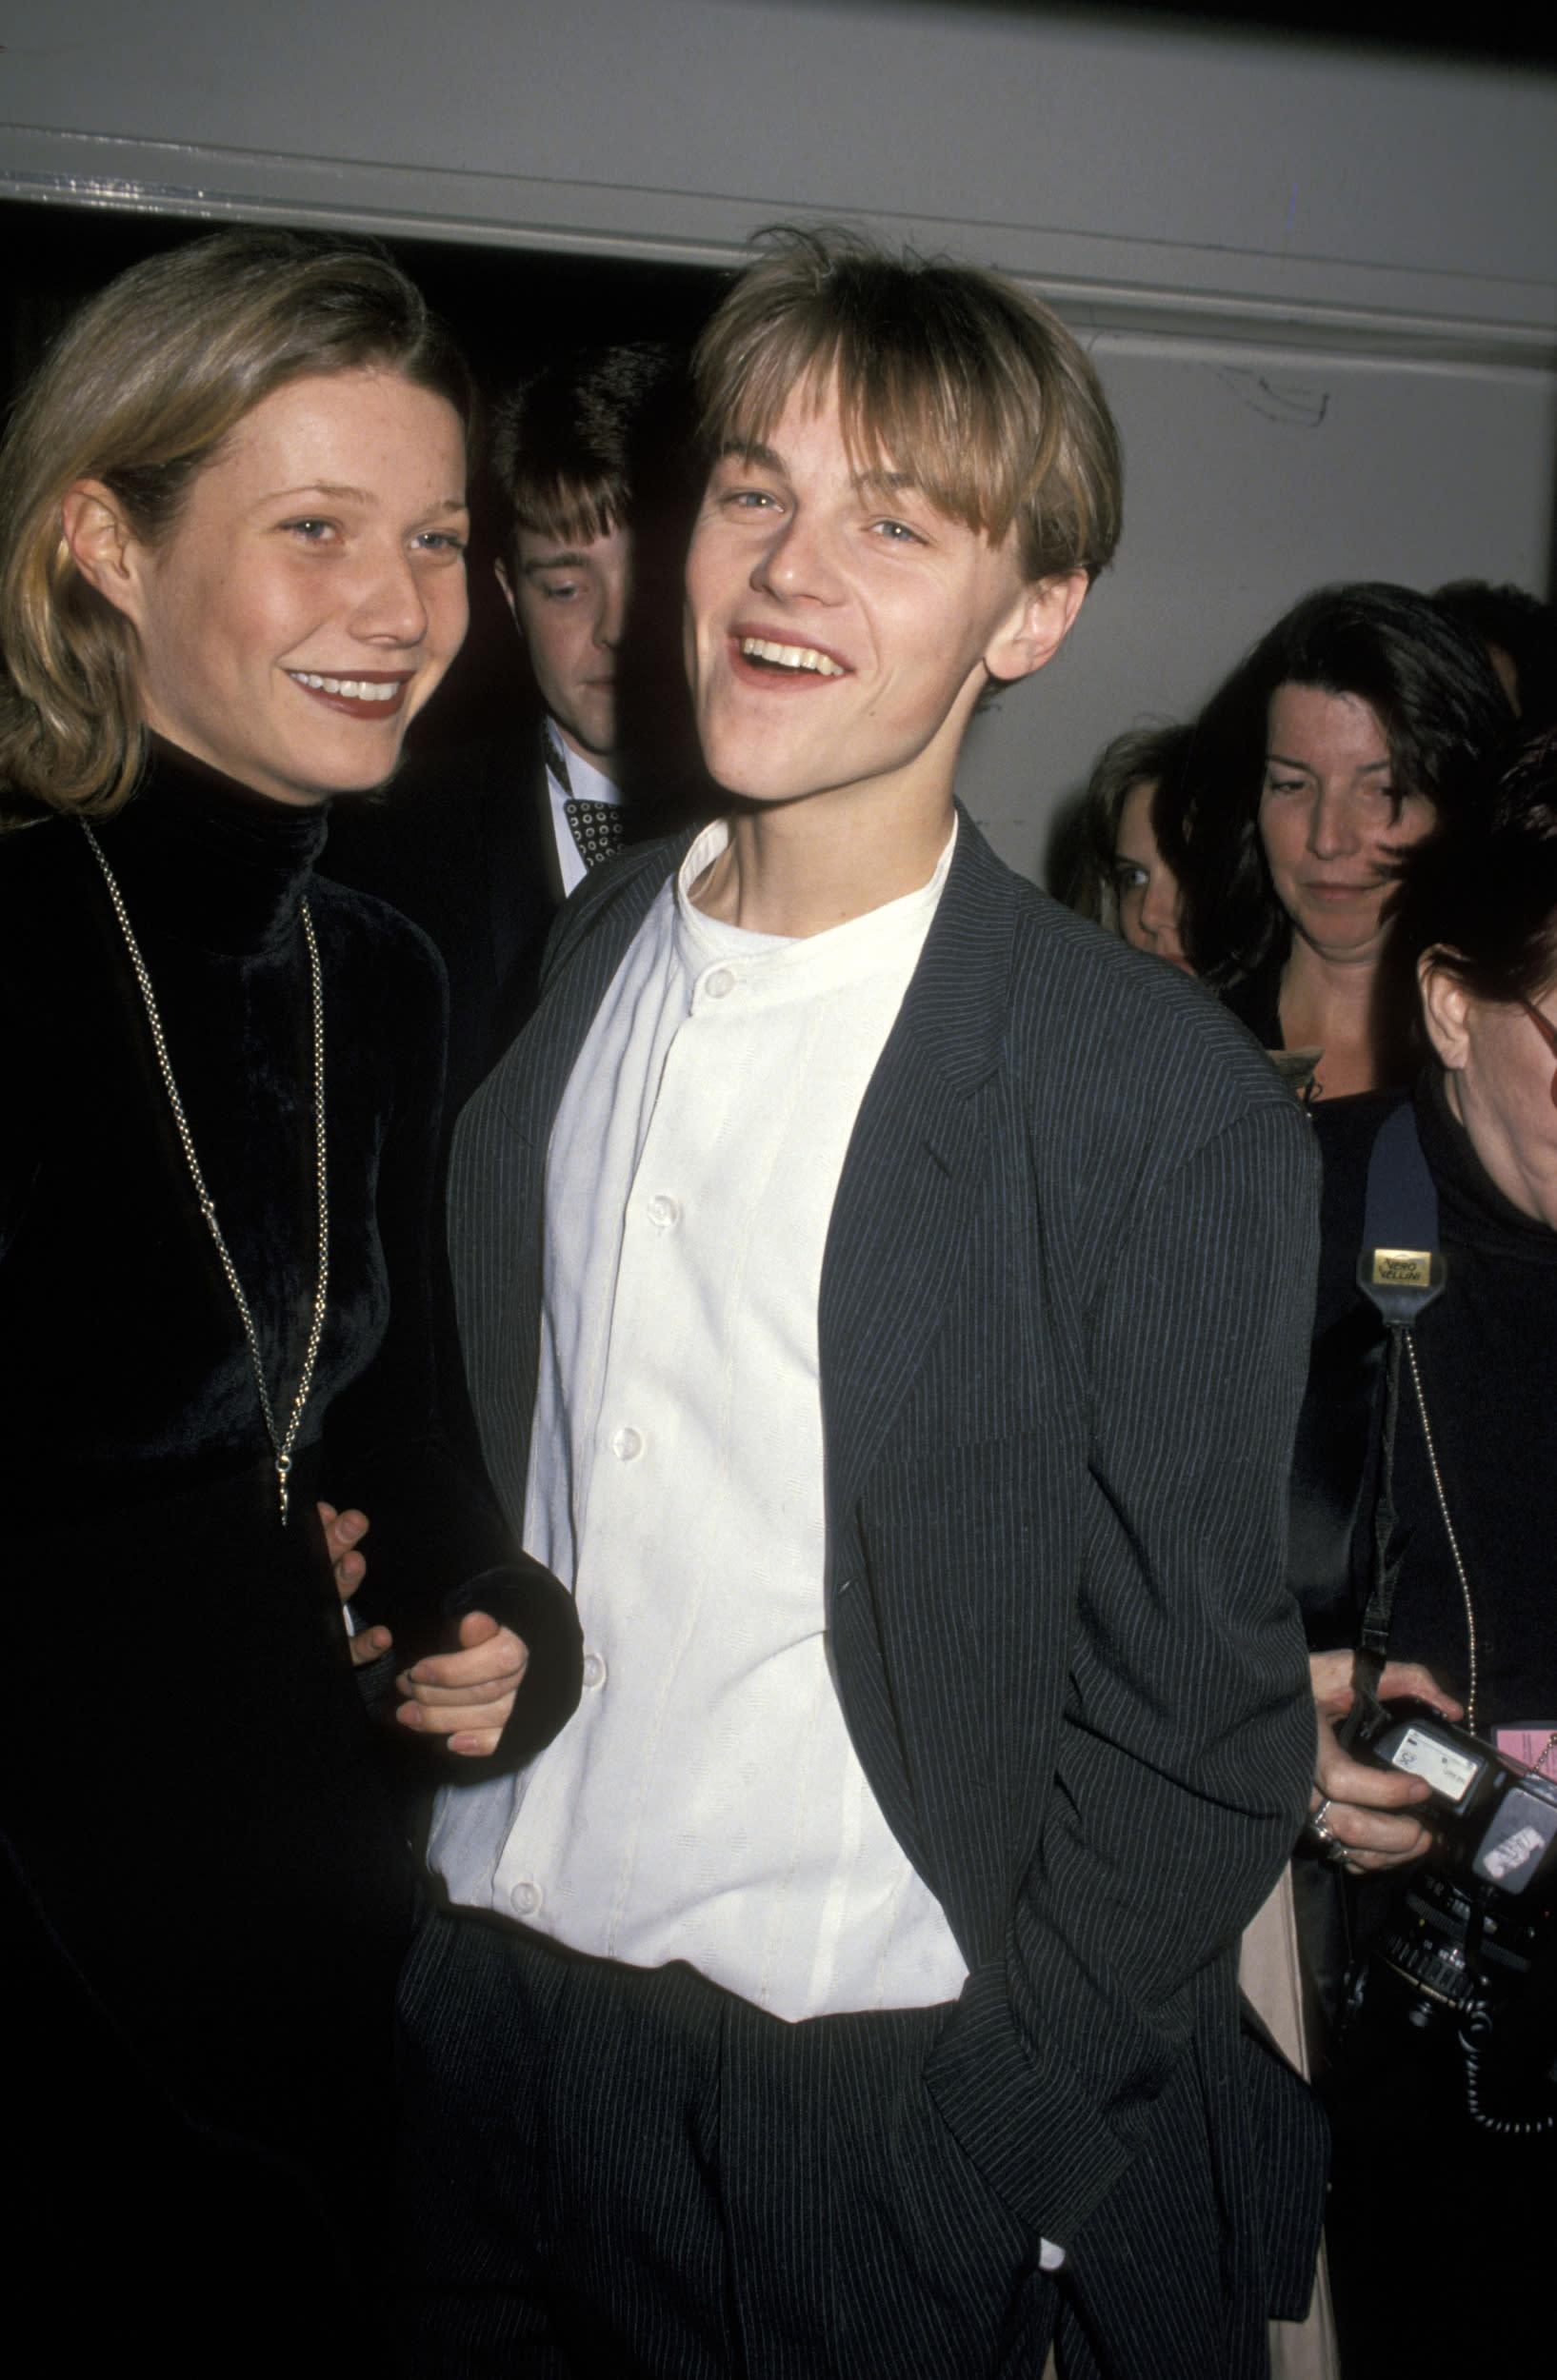 Gwyneth Paltrow and Leonardo DiCaprio (Photo by Jim Smeal/WireImage)